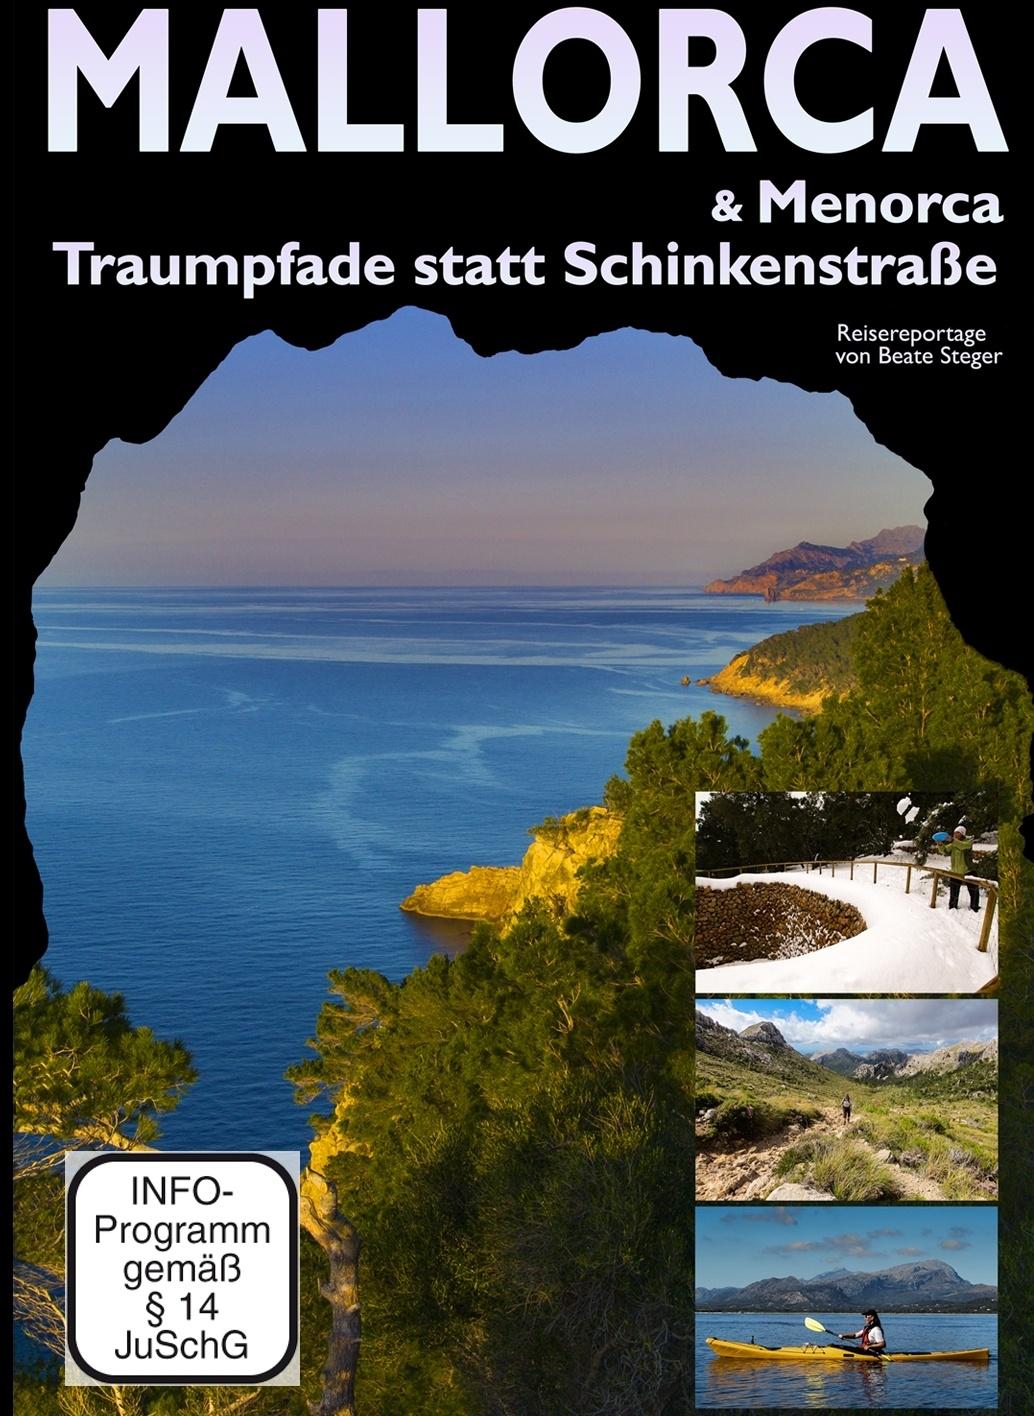 Image of Traumpfade Statt Schinkenstraße